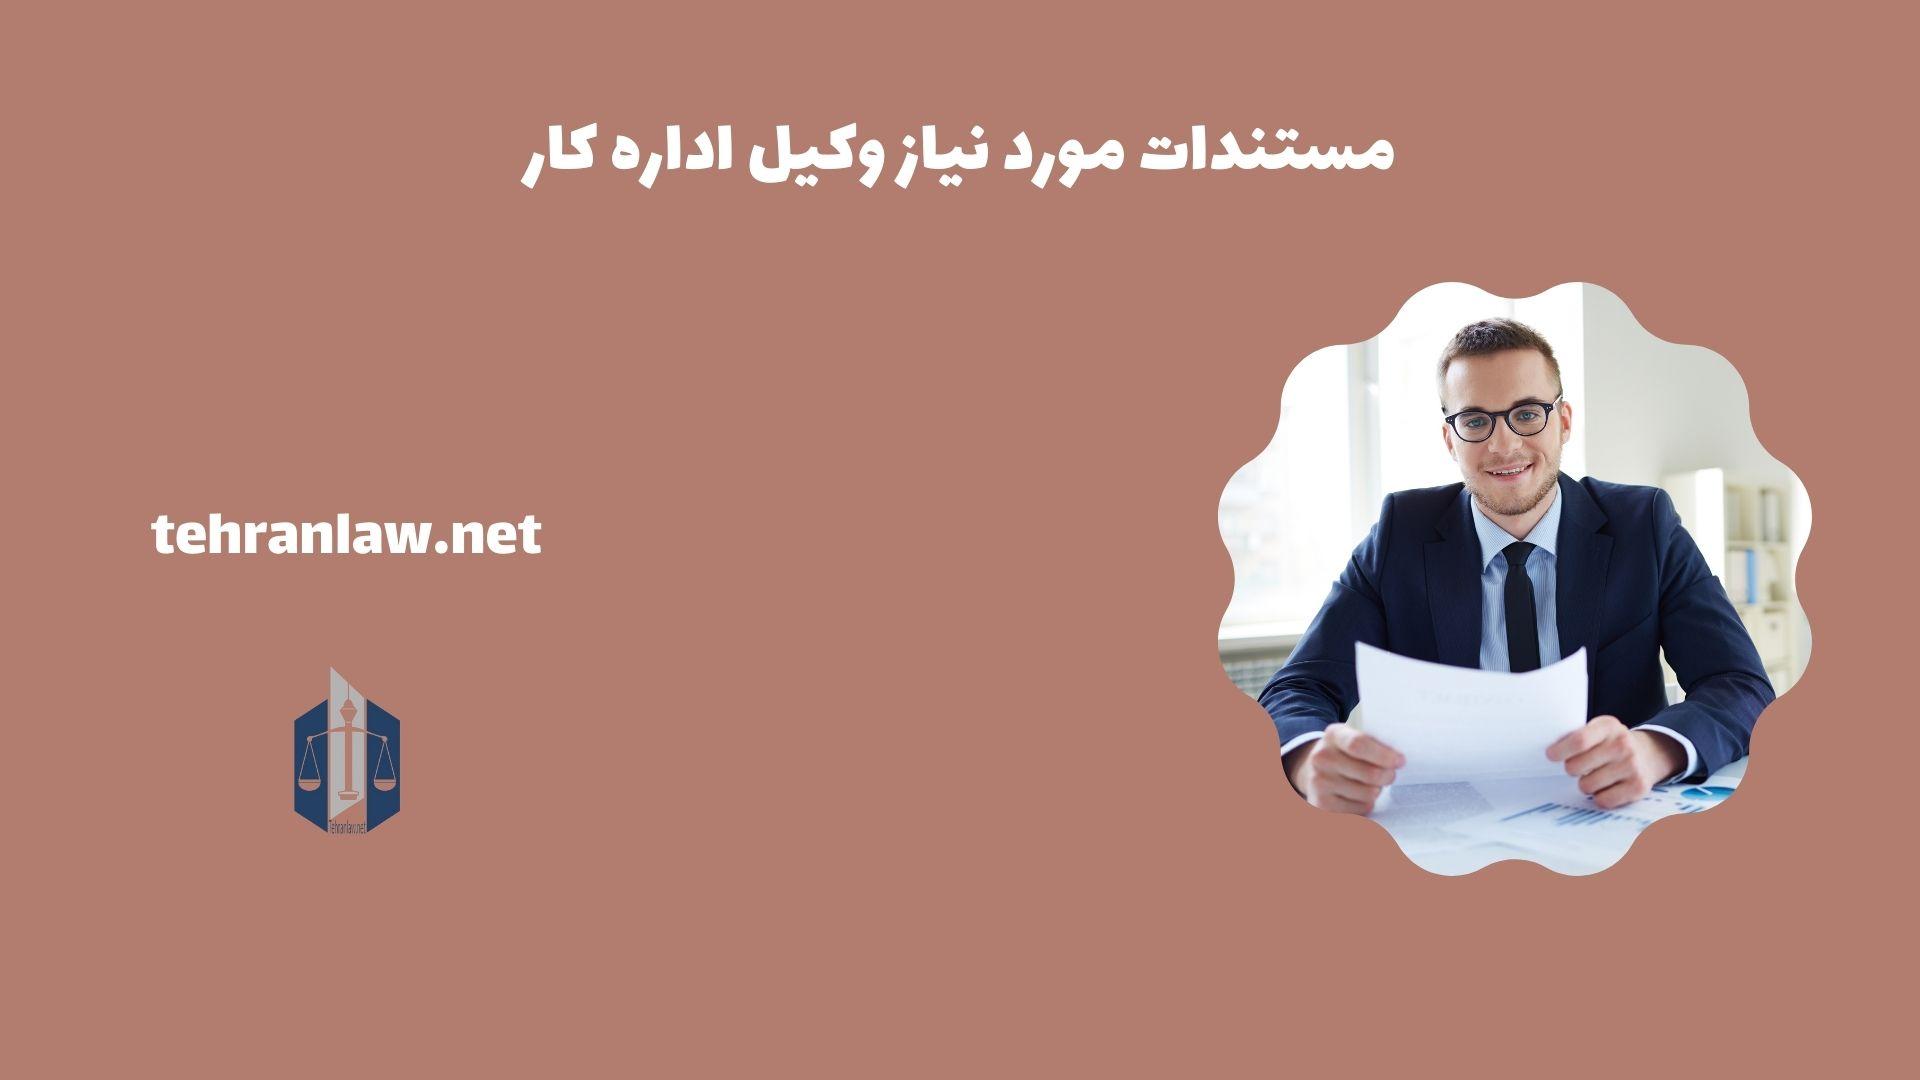 مستندات مورد نیاز وکیل اداره کار